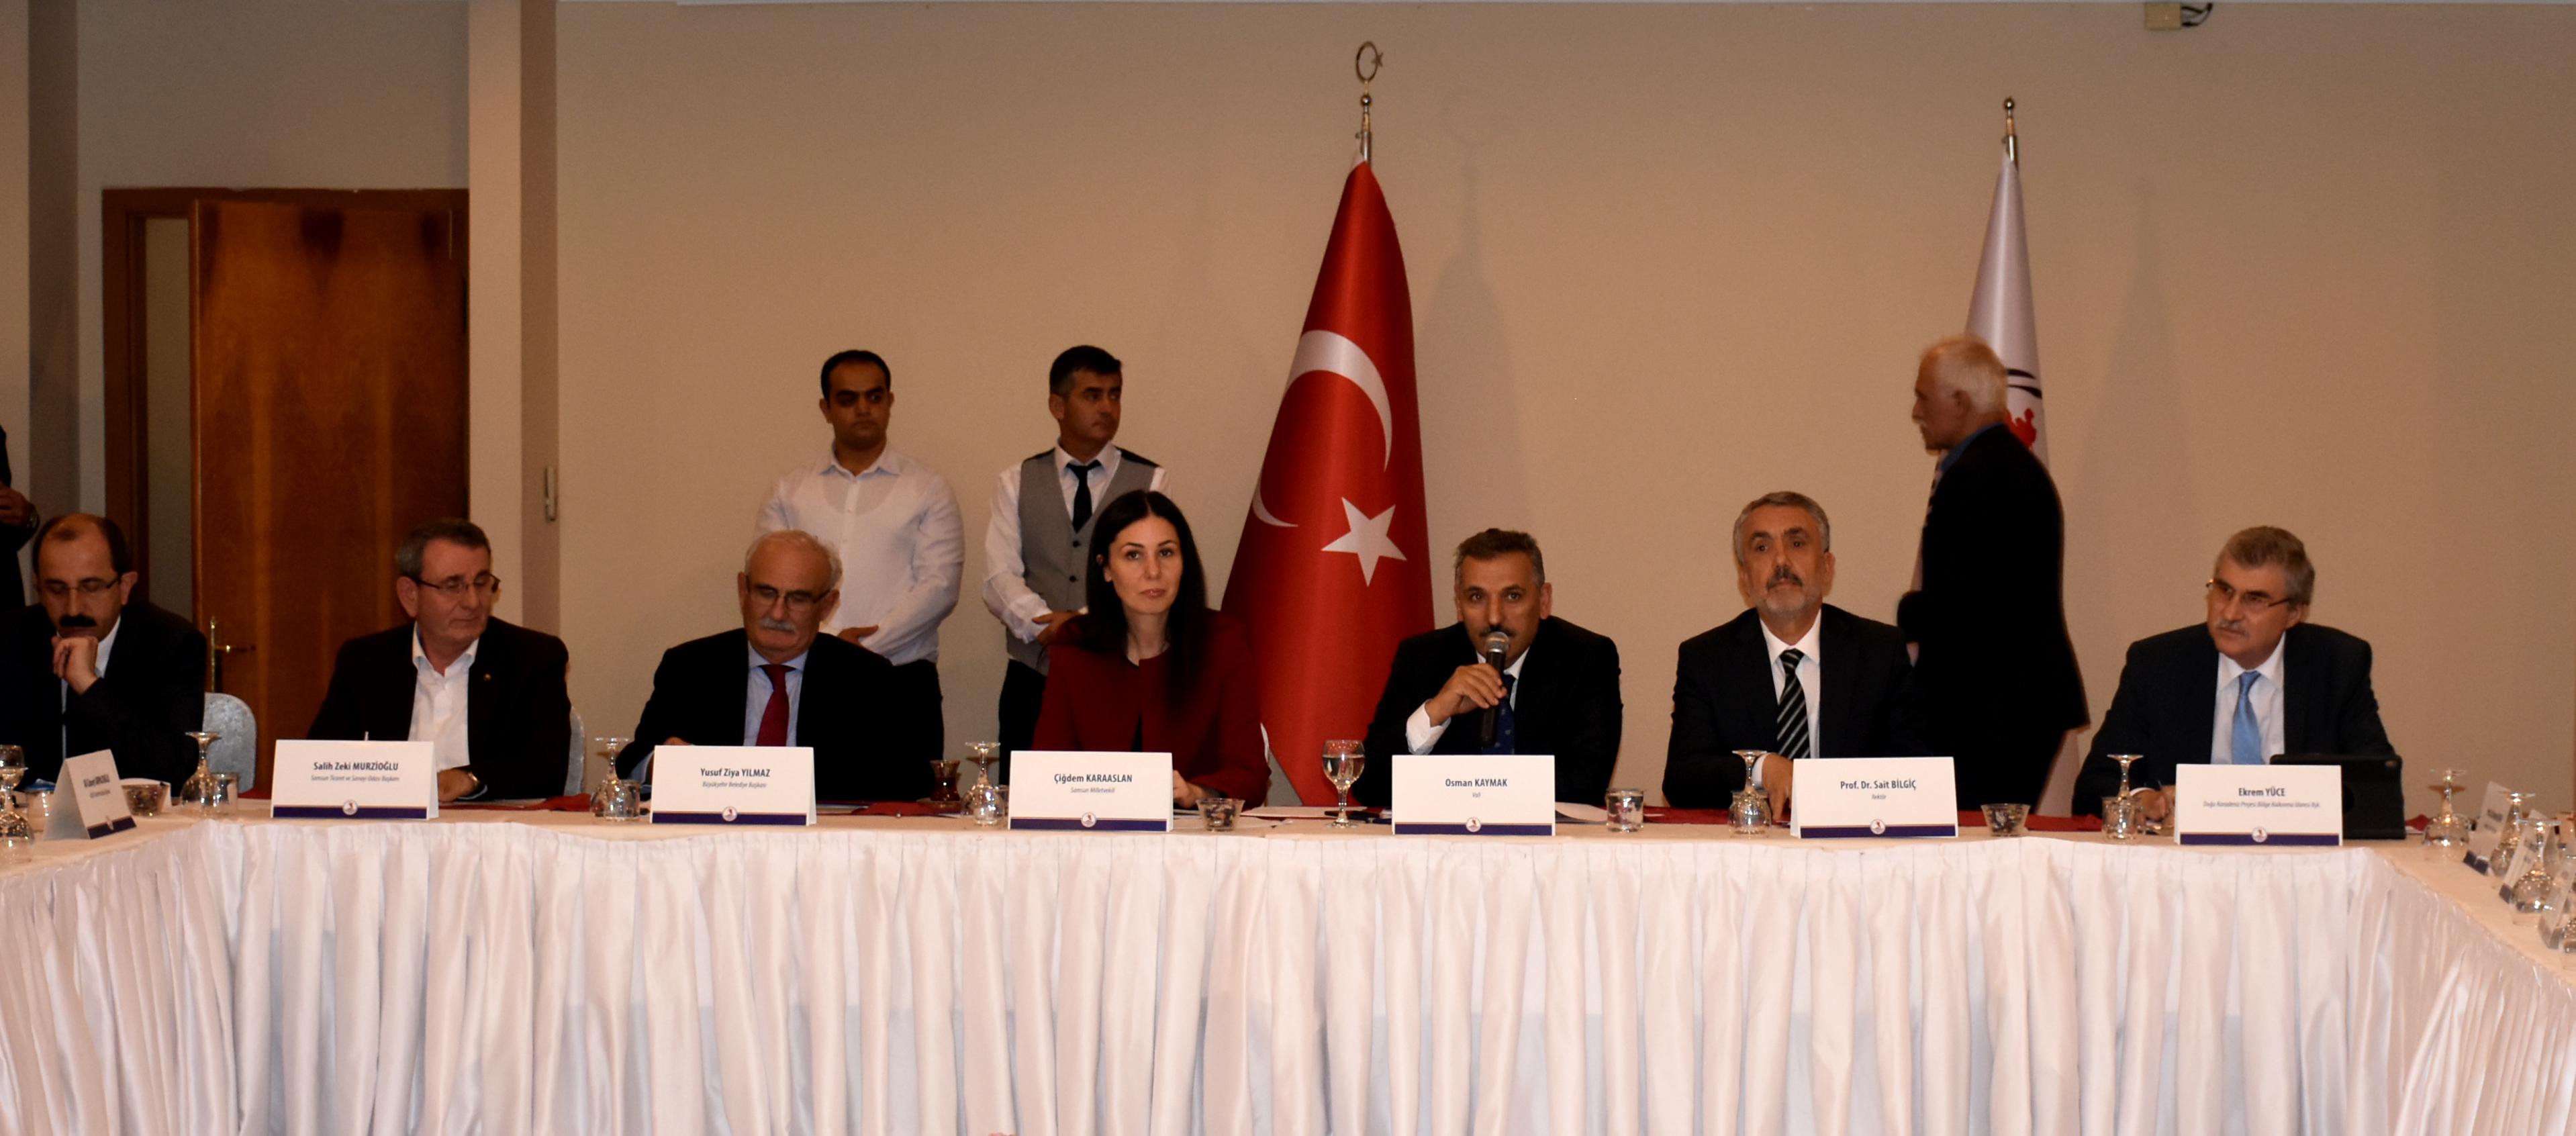 http://www.omu.edu.tr/sites/default/files/files/universite_danisma_kurulu_samsun_ve_bilim_icin_bir_arada/dsc_7022.jpg